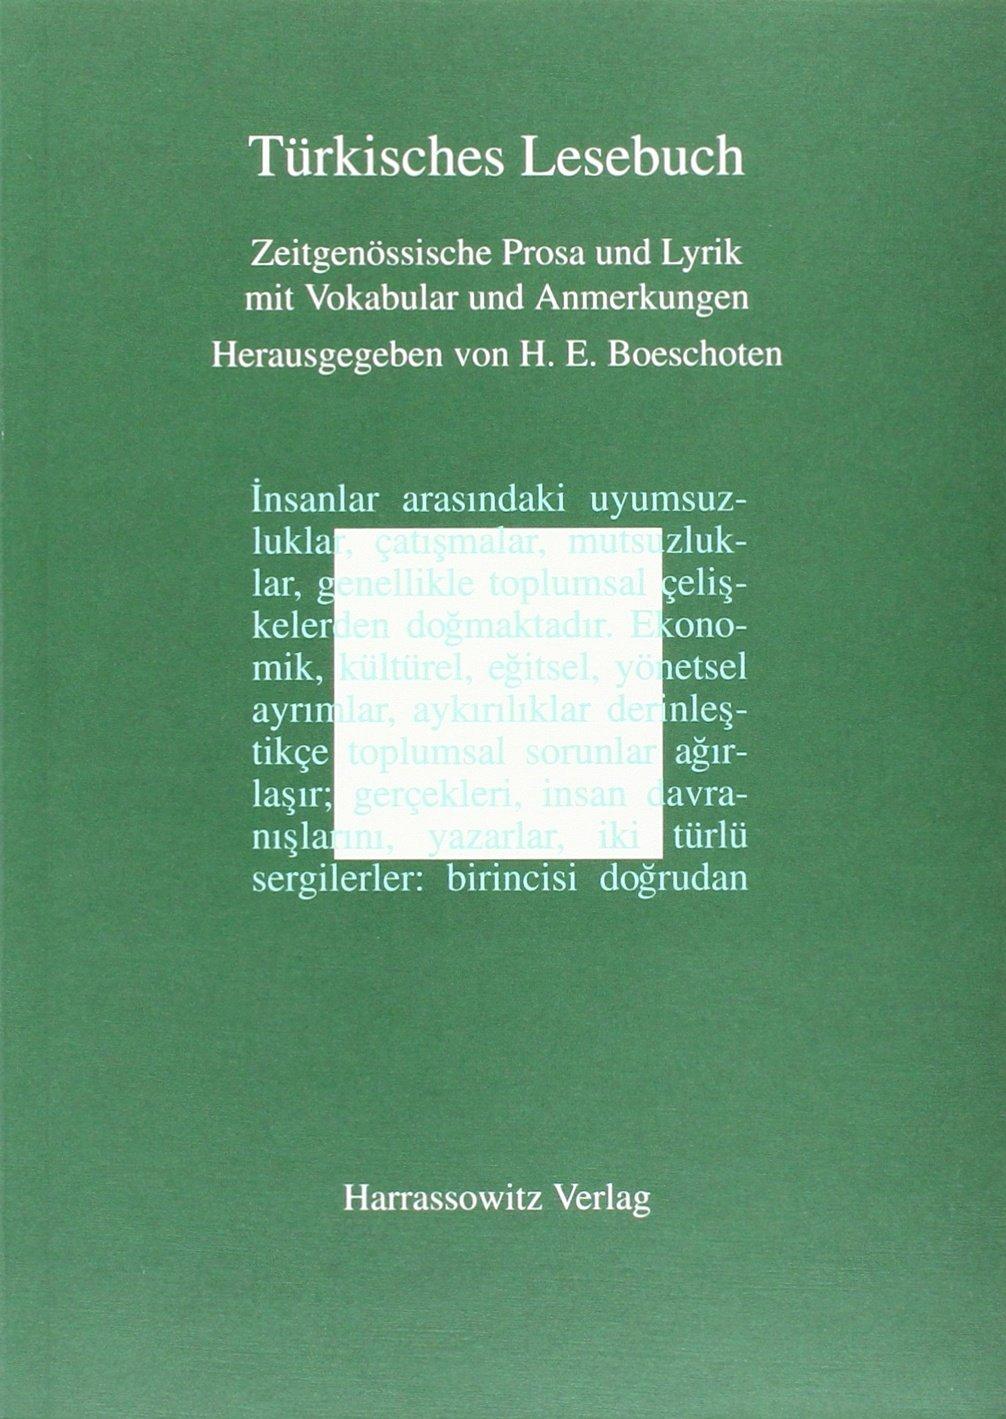 Türkisches Lesebuch: Zeitgenössische Literatur mit Lexik und Grammatik (Turcologica, Band 22)